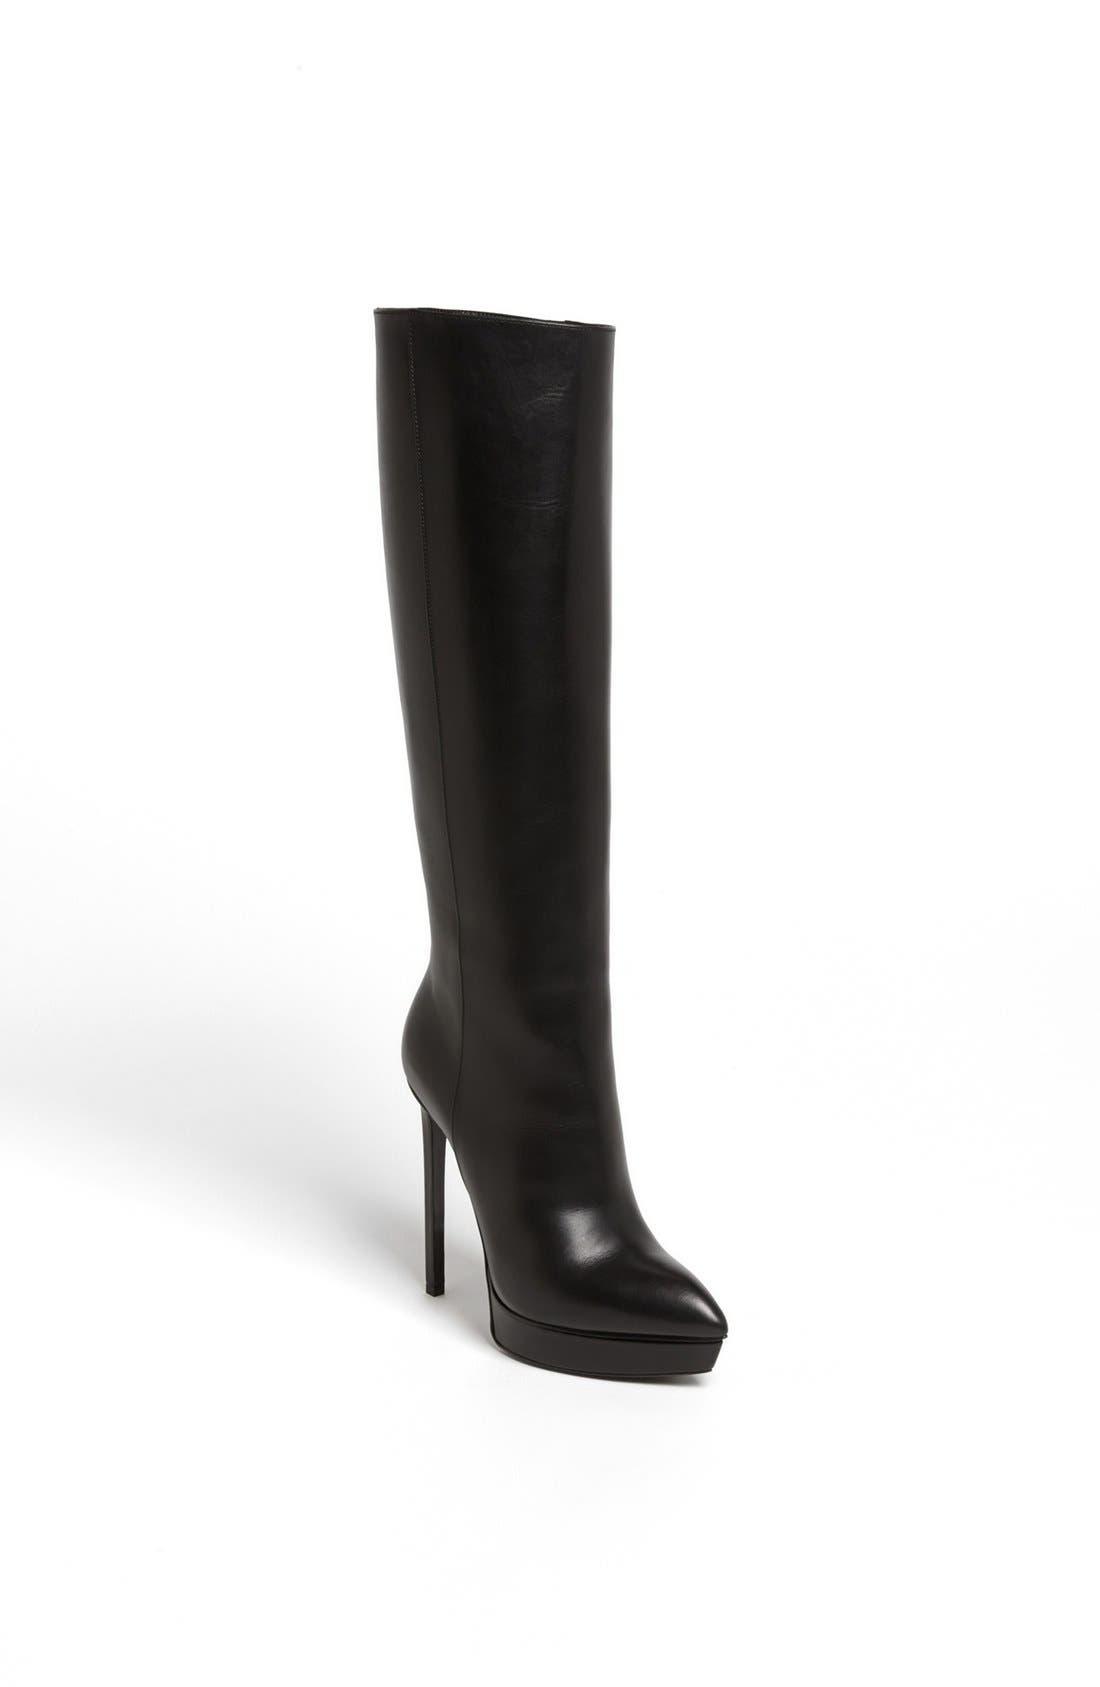 Alternate Image 1 Selected - Saint Laurent 'Janis' Boot